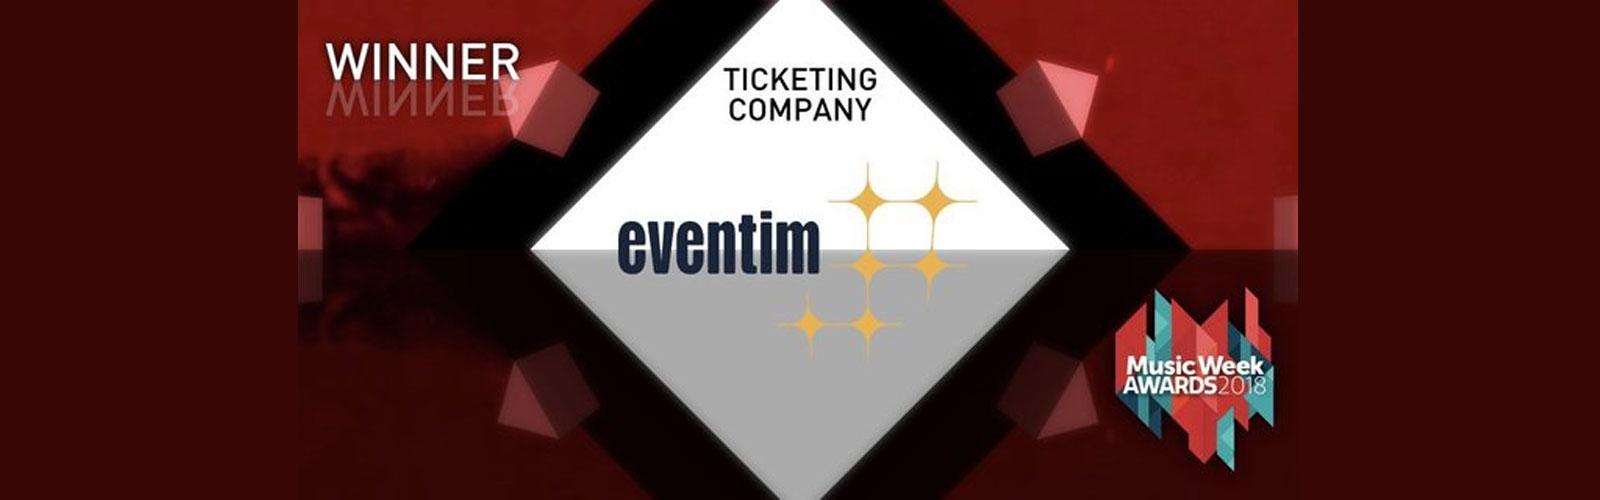 eventim-uk-music-week-awards-18